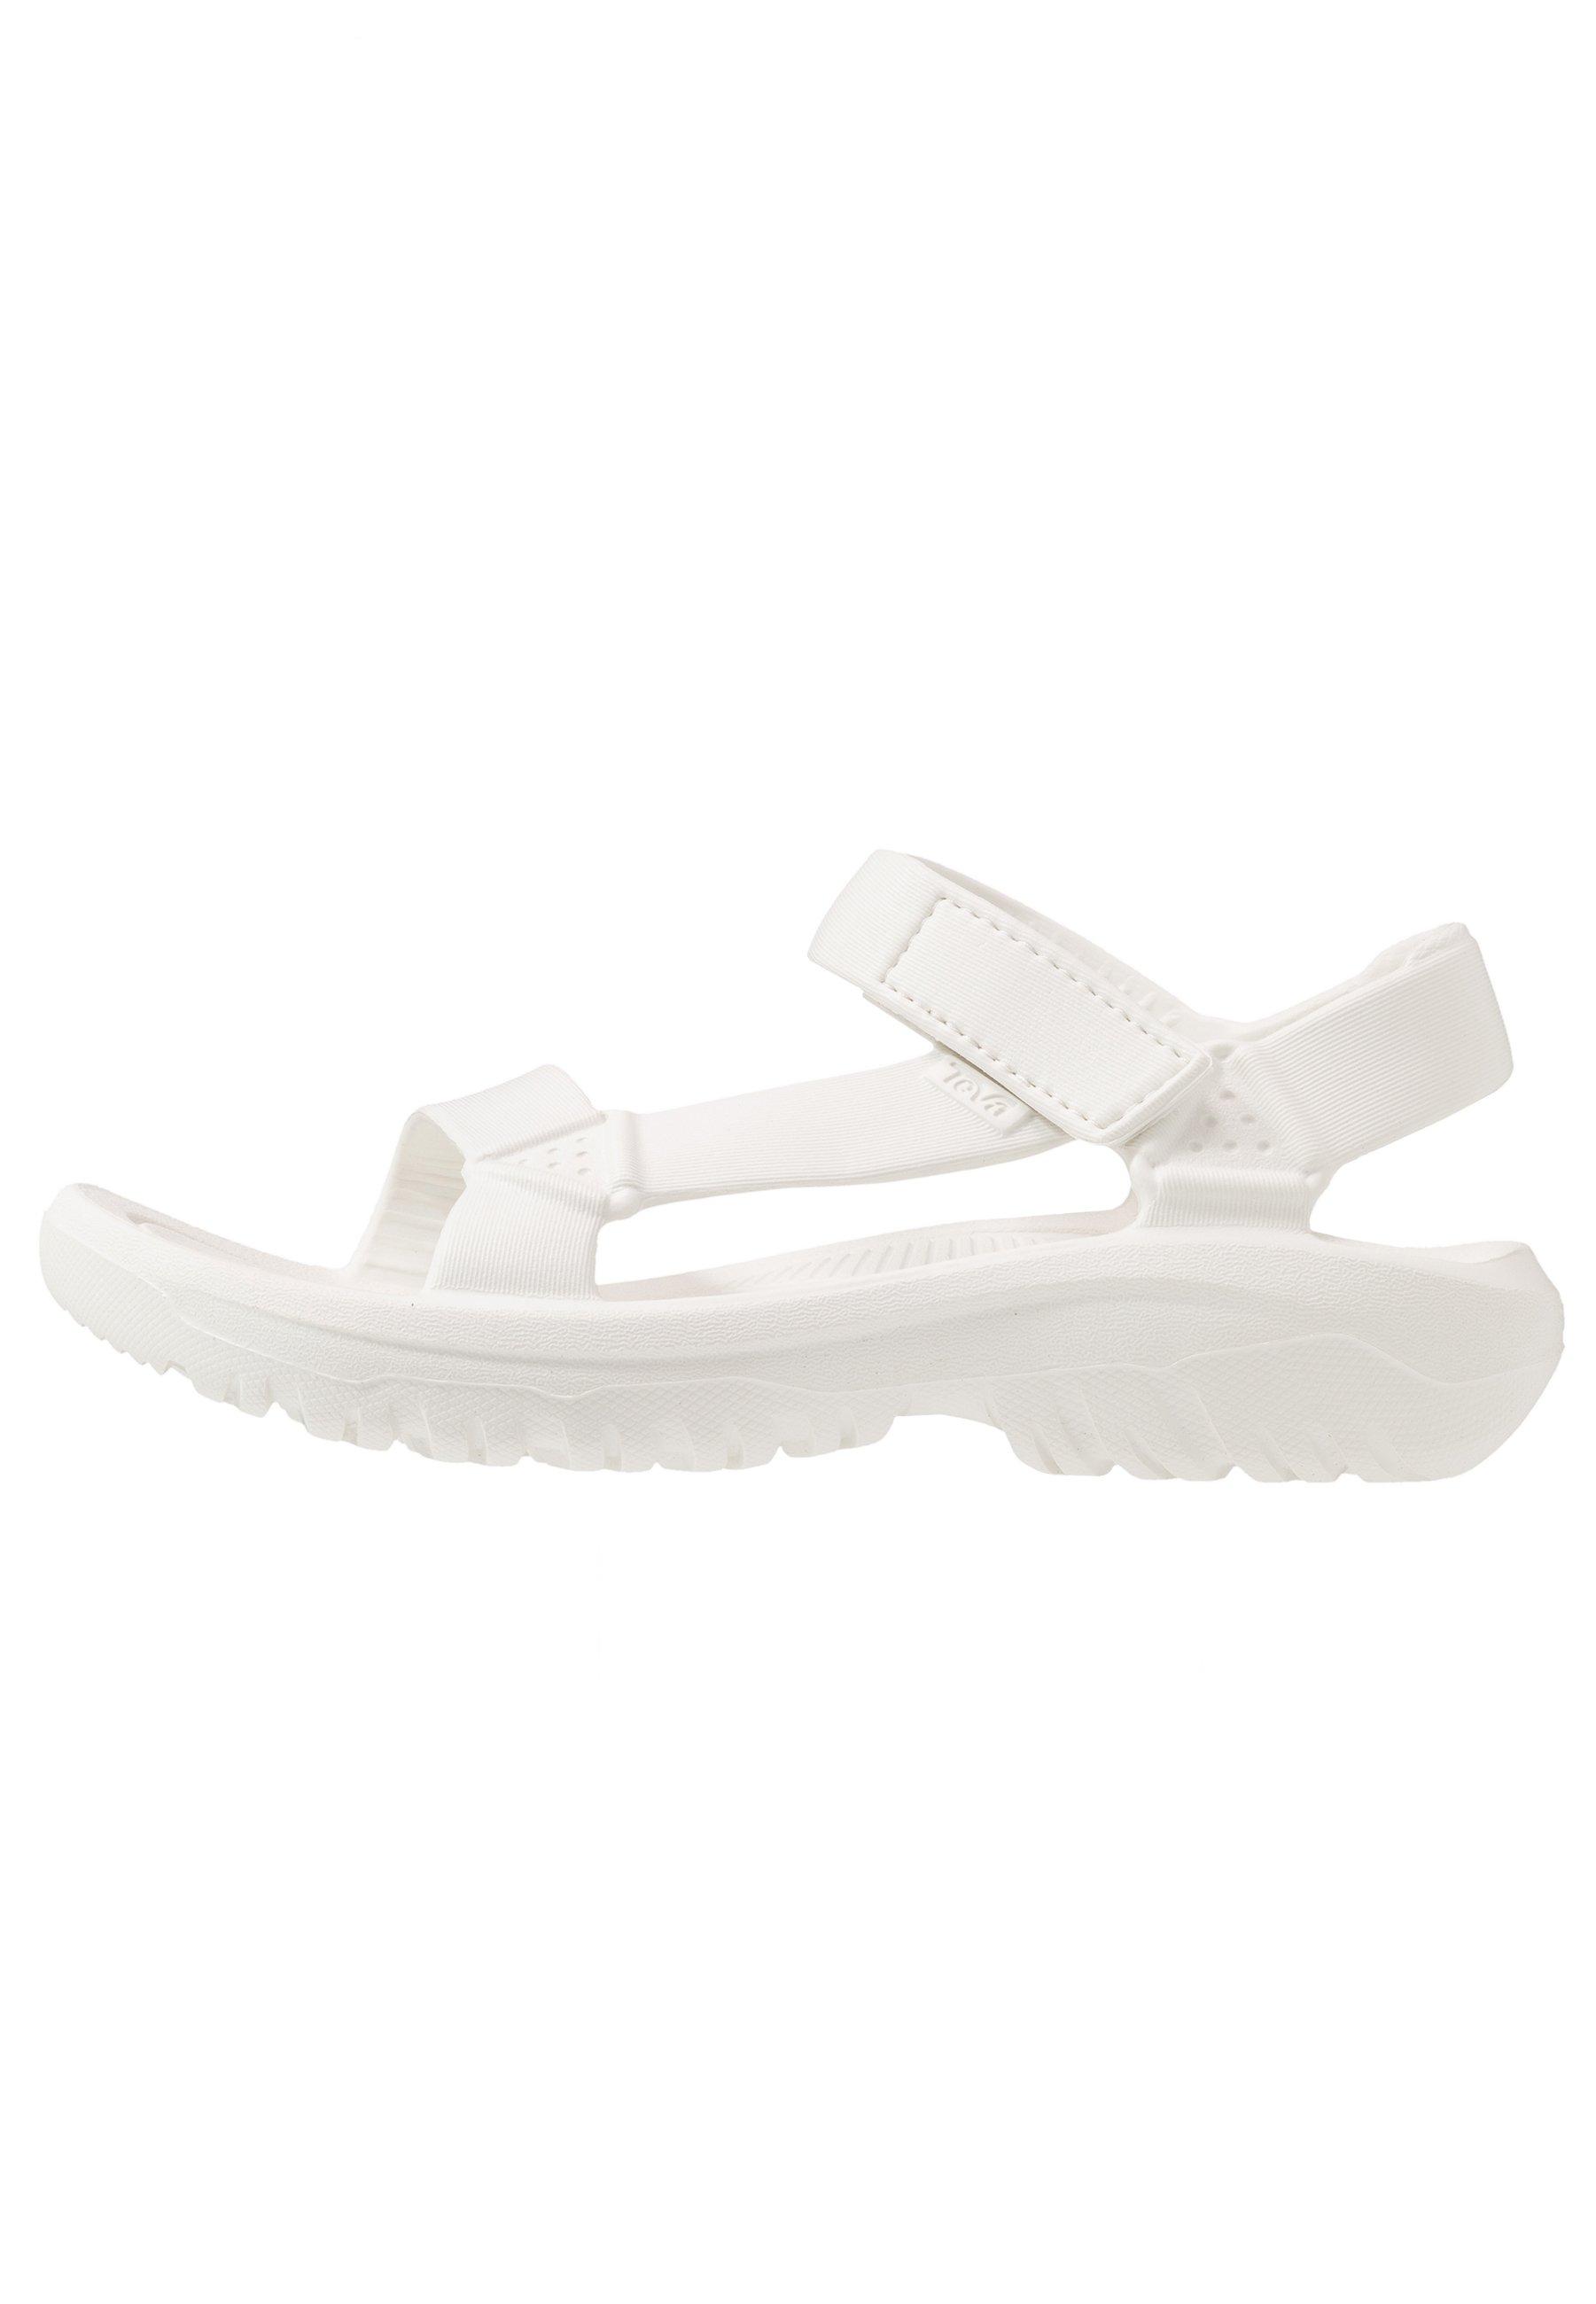 Sandaler & Tåsandaler | Dame | Treningssko på nett hos